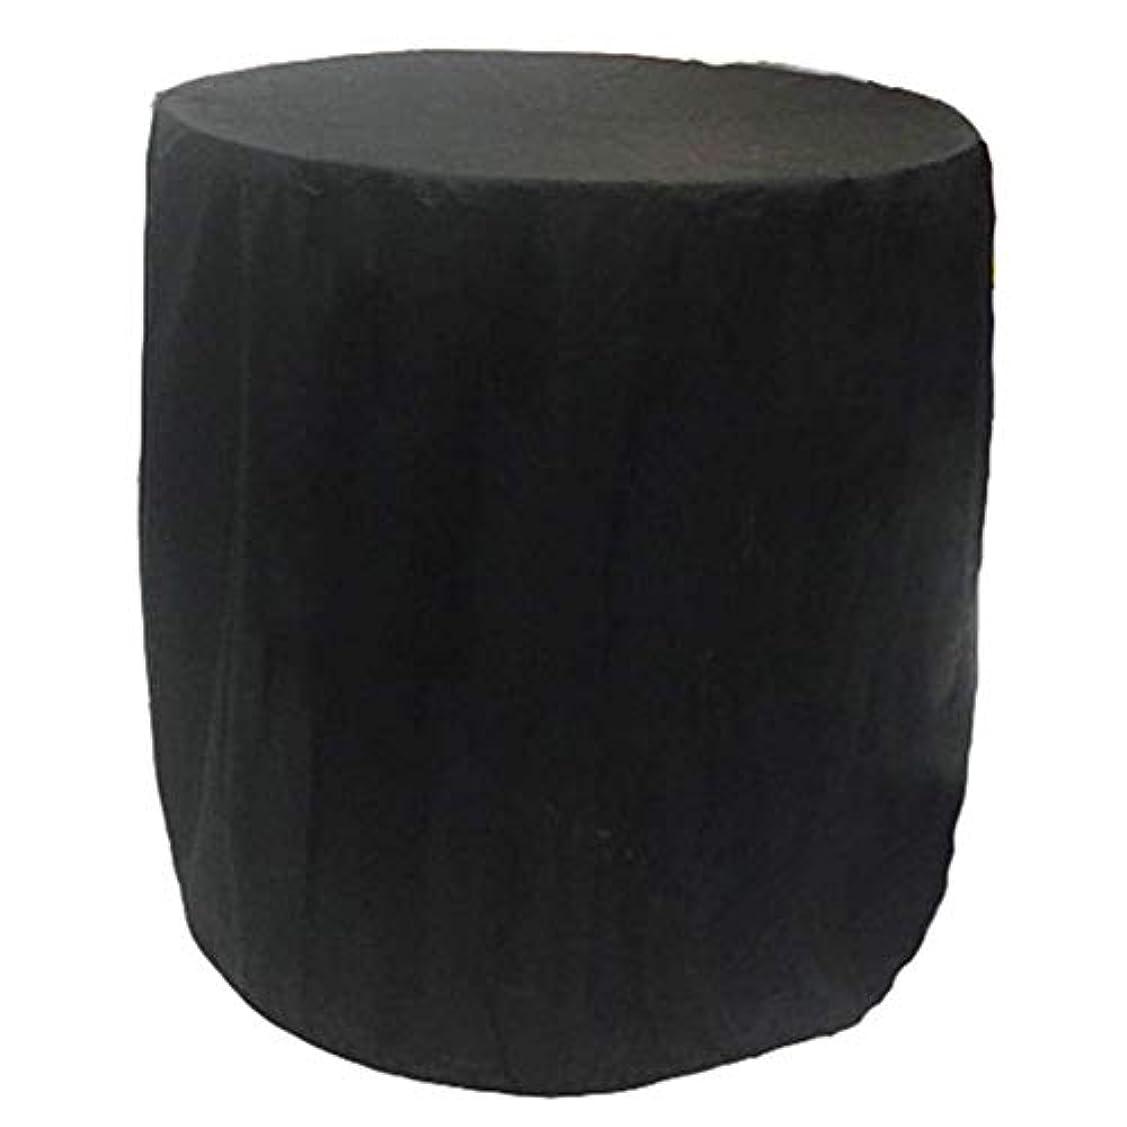 拒否敬礼昇る12J-weihuiwangluo 屋外の丸いオーブンカバー防水ダストカバーレインカバー?屋外防水シート (Color : ブラック, サイズ : Diameter 70cm high 70cm)